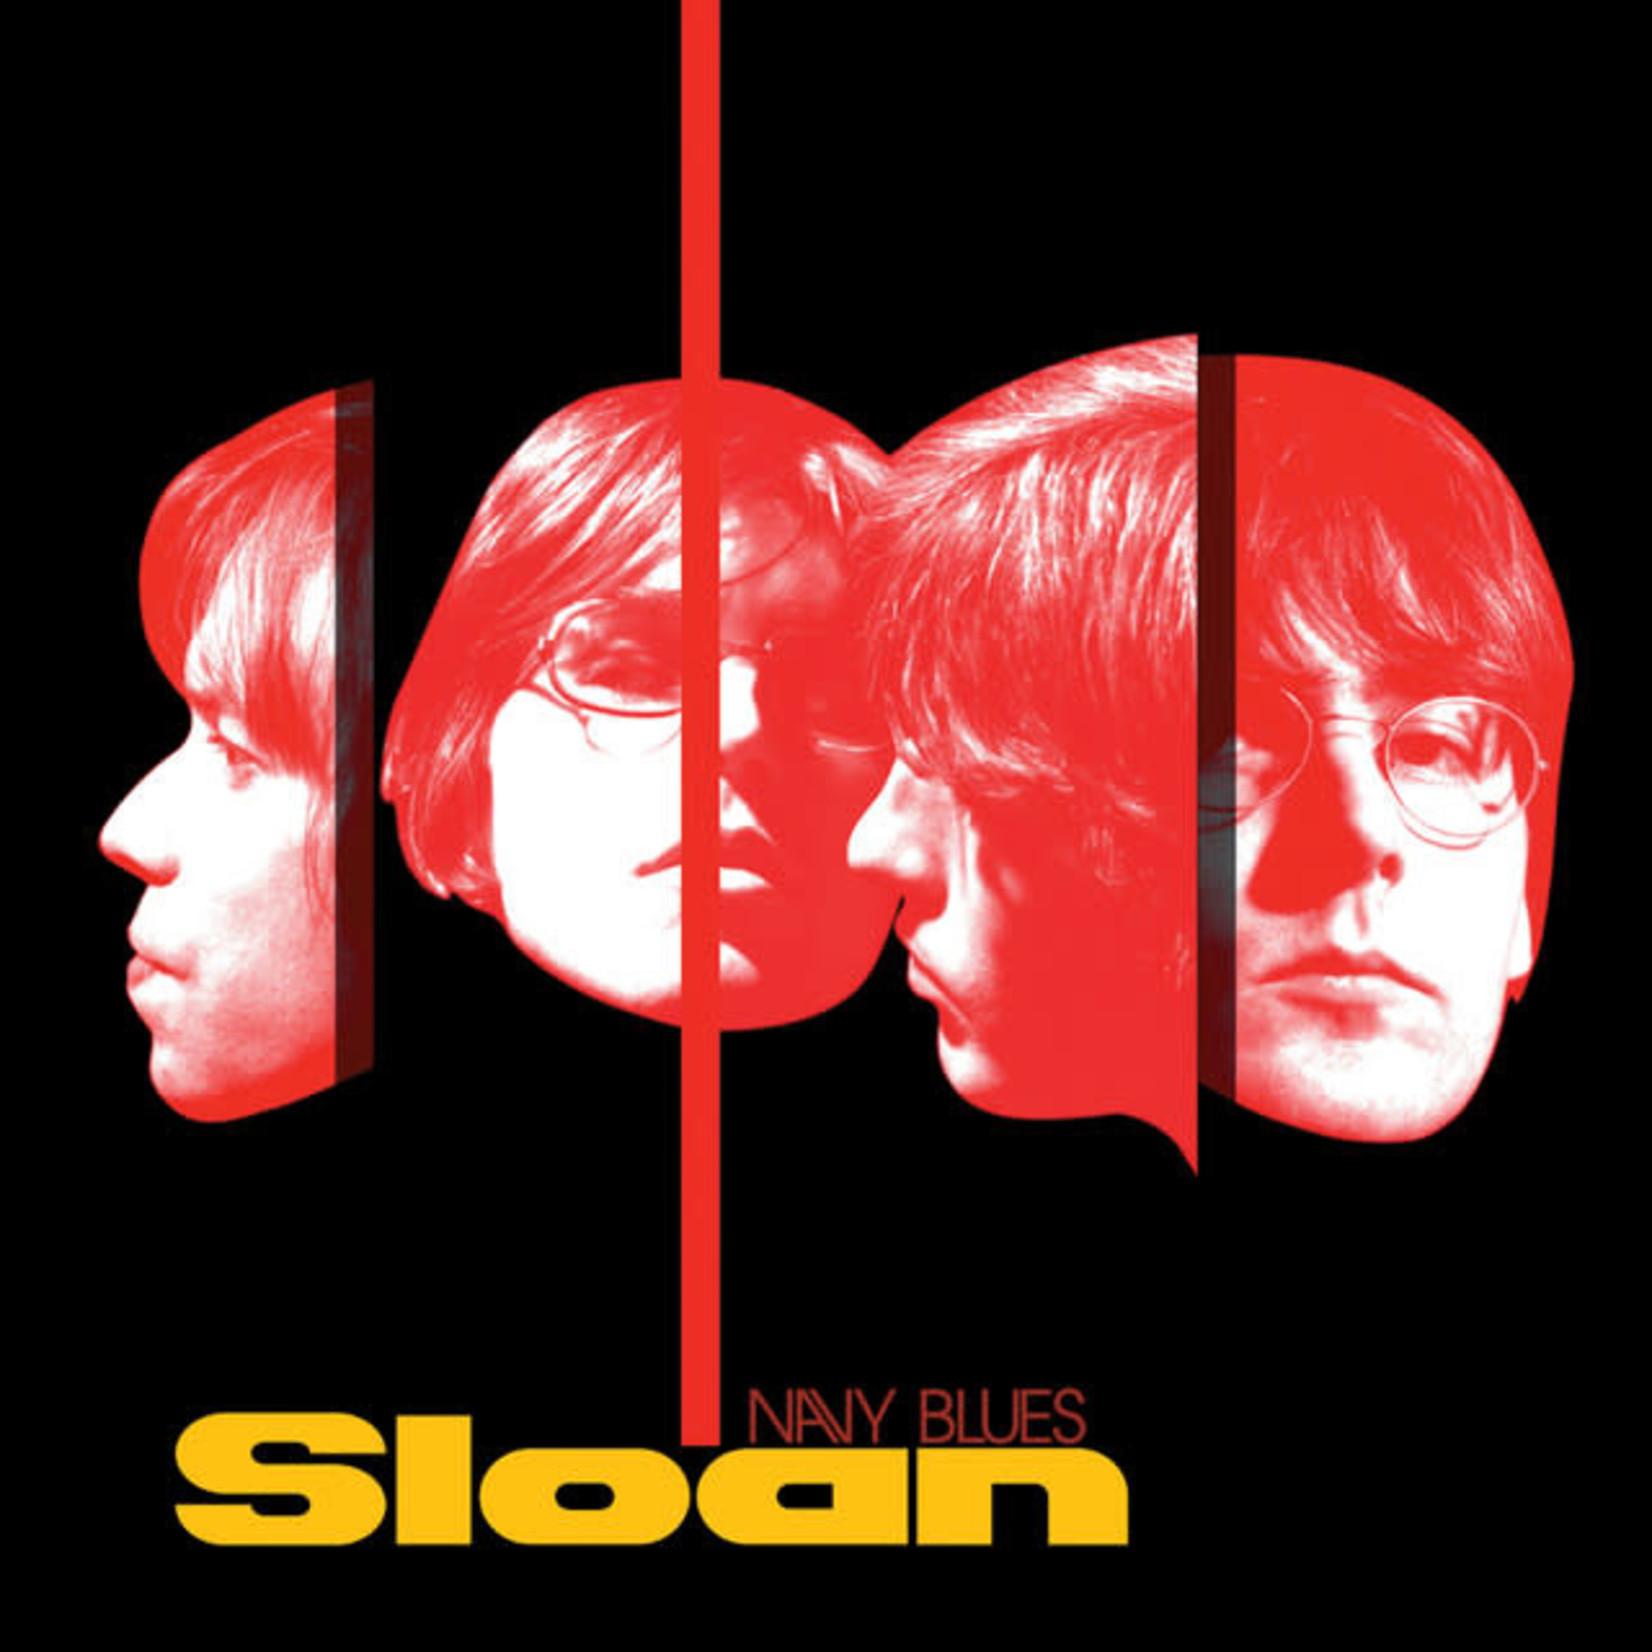 Vinyl Sloan - Navy Blues